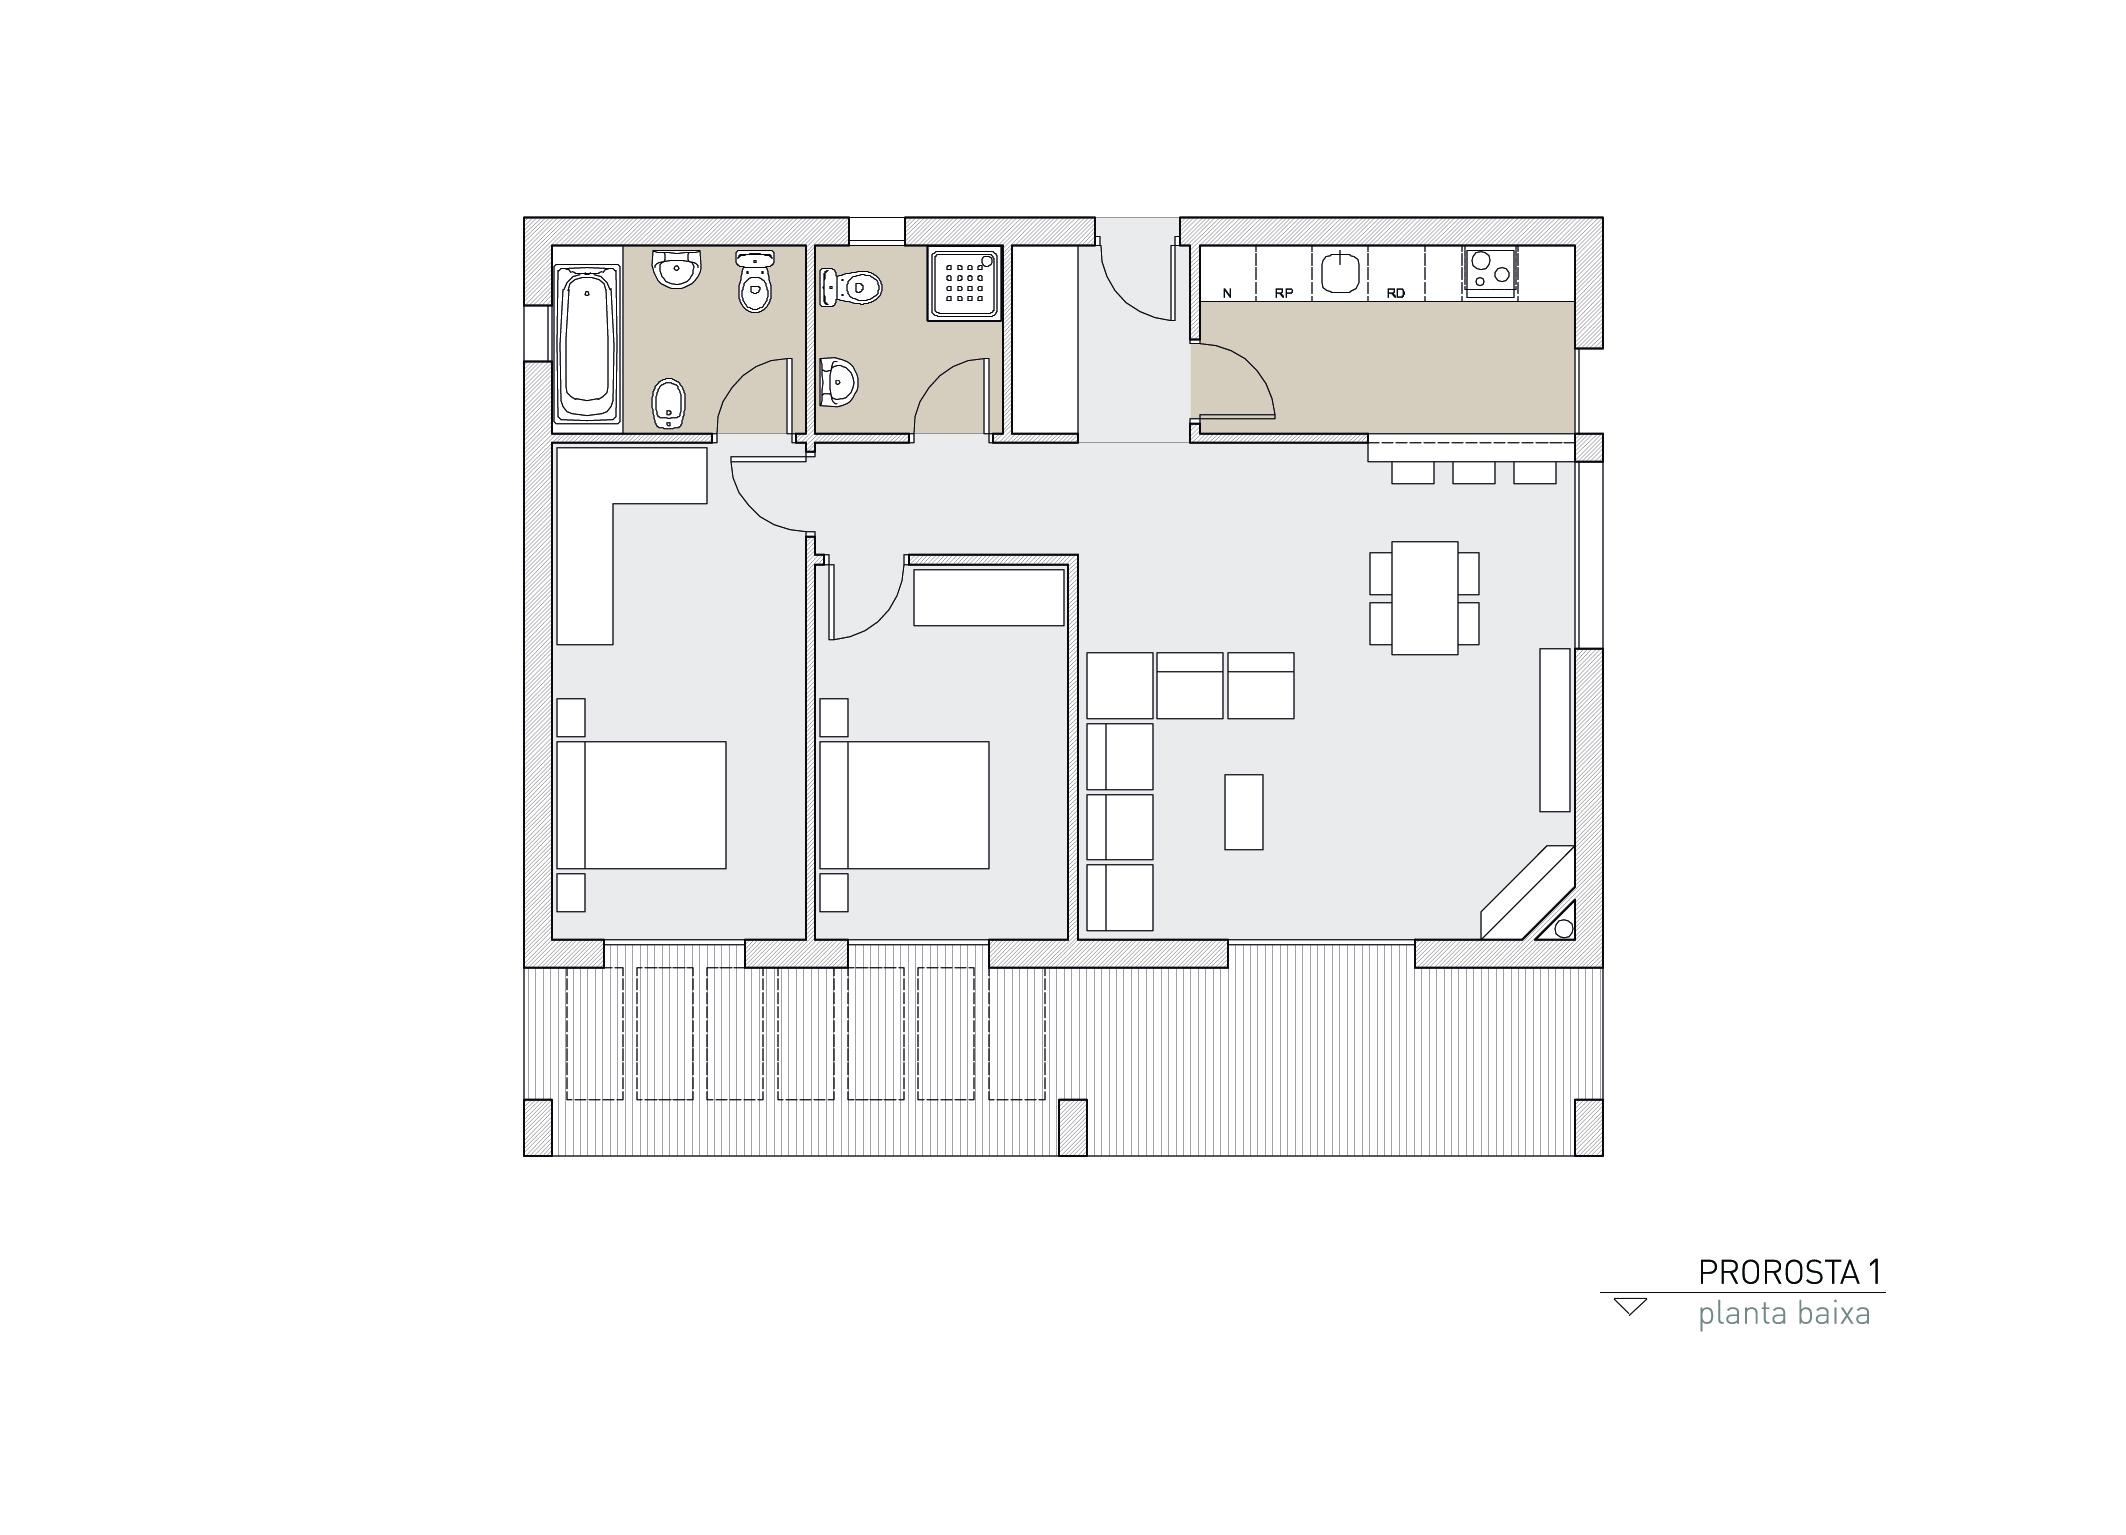 proposta 2 dormitoris